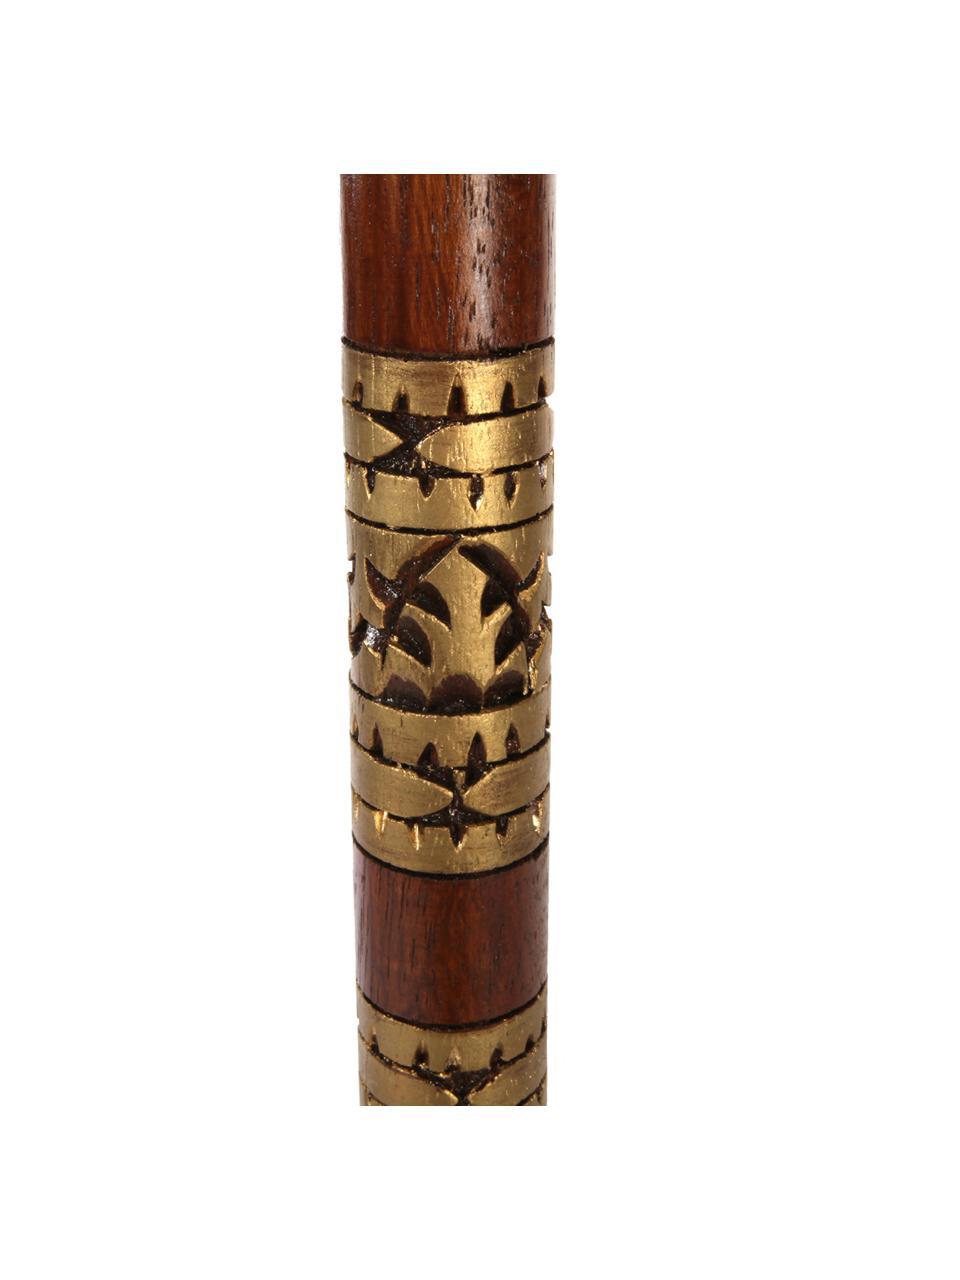 Runder Sonnenschirm Oriental Lounge in Türkis, Ø 180 cm, Gestell: Fruchtholz mit Metallappl, Türkis, Goldfarben, Dunkelbraun, Ø 180 x H 225 cm